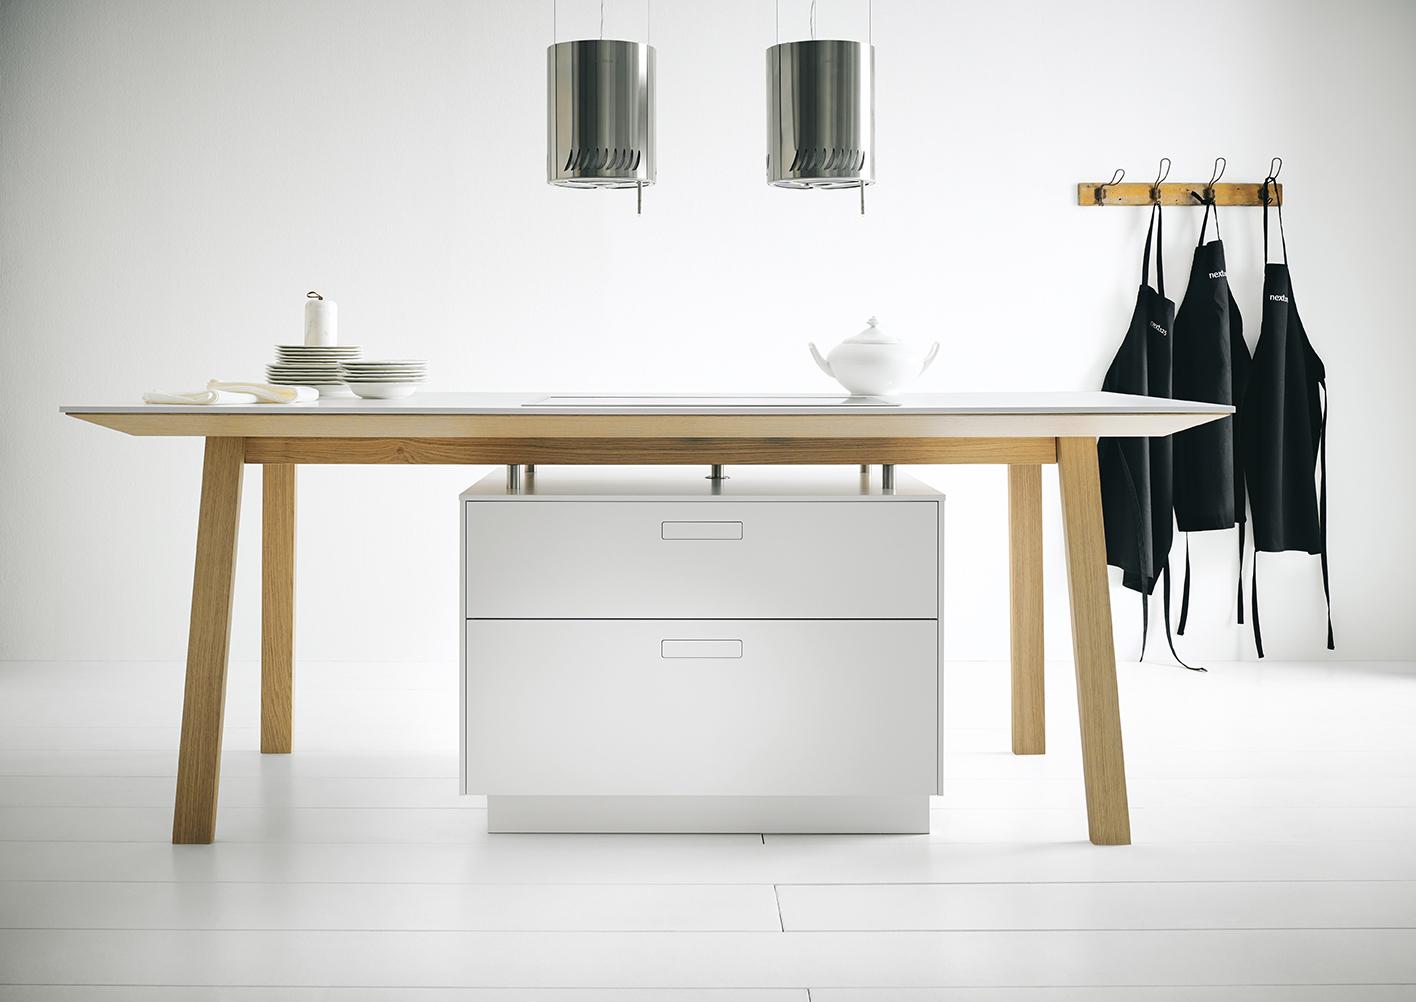 Witte kooktafel NX 800 van next125. Functioneel en uniek kookeiland. Een echte blikvanger in de keuken #next125 #kooktafel #kookeiland #inductie